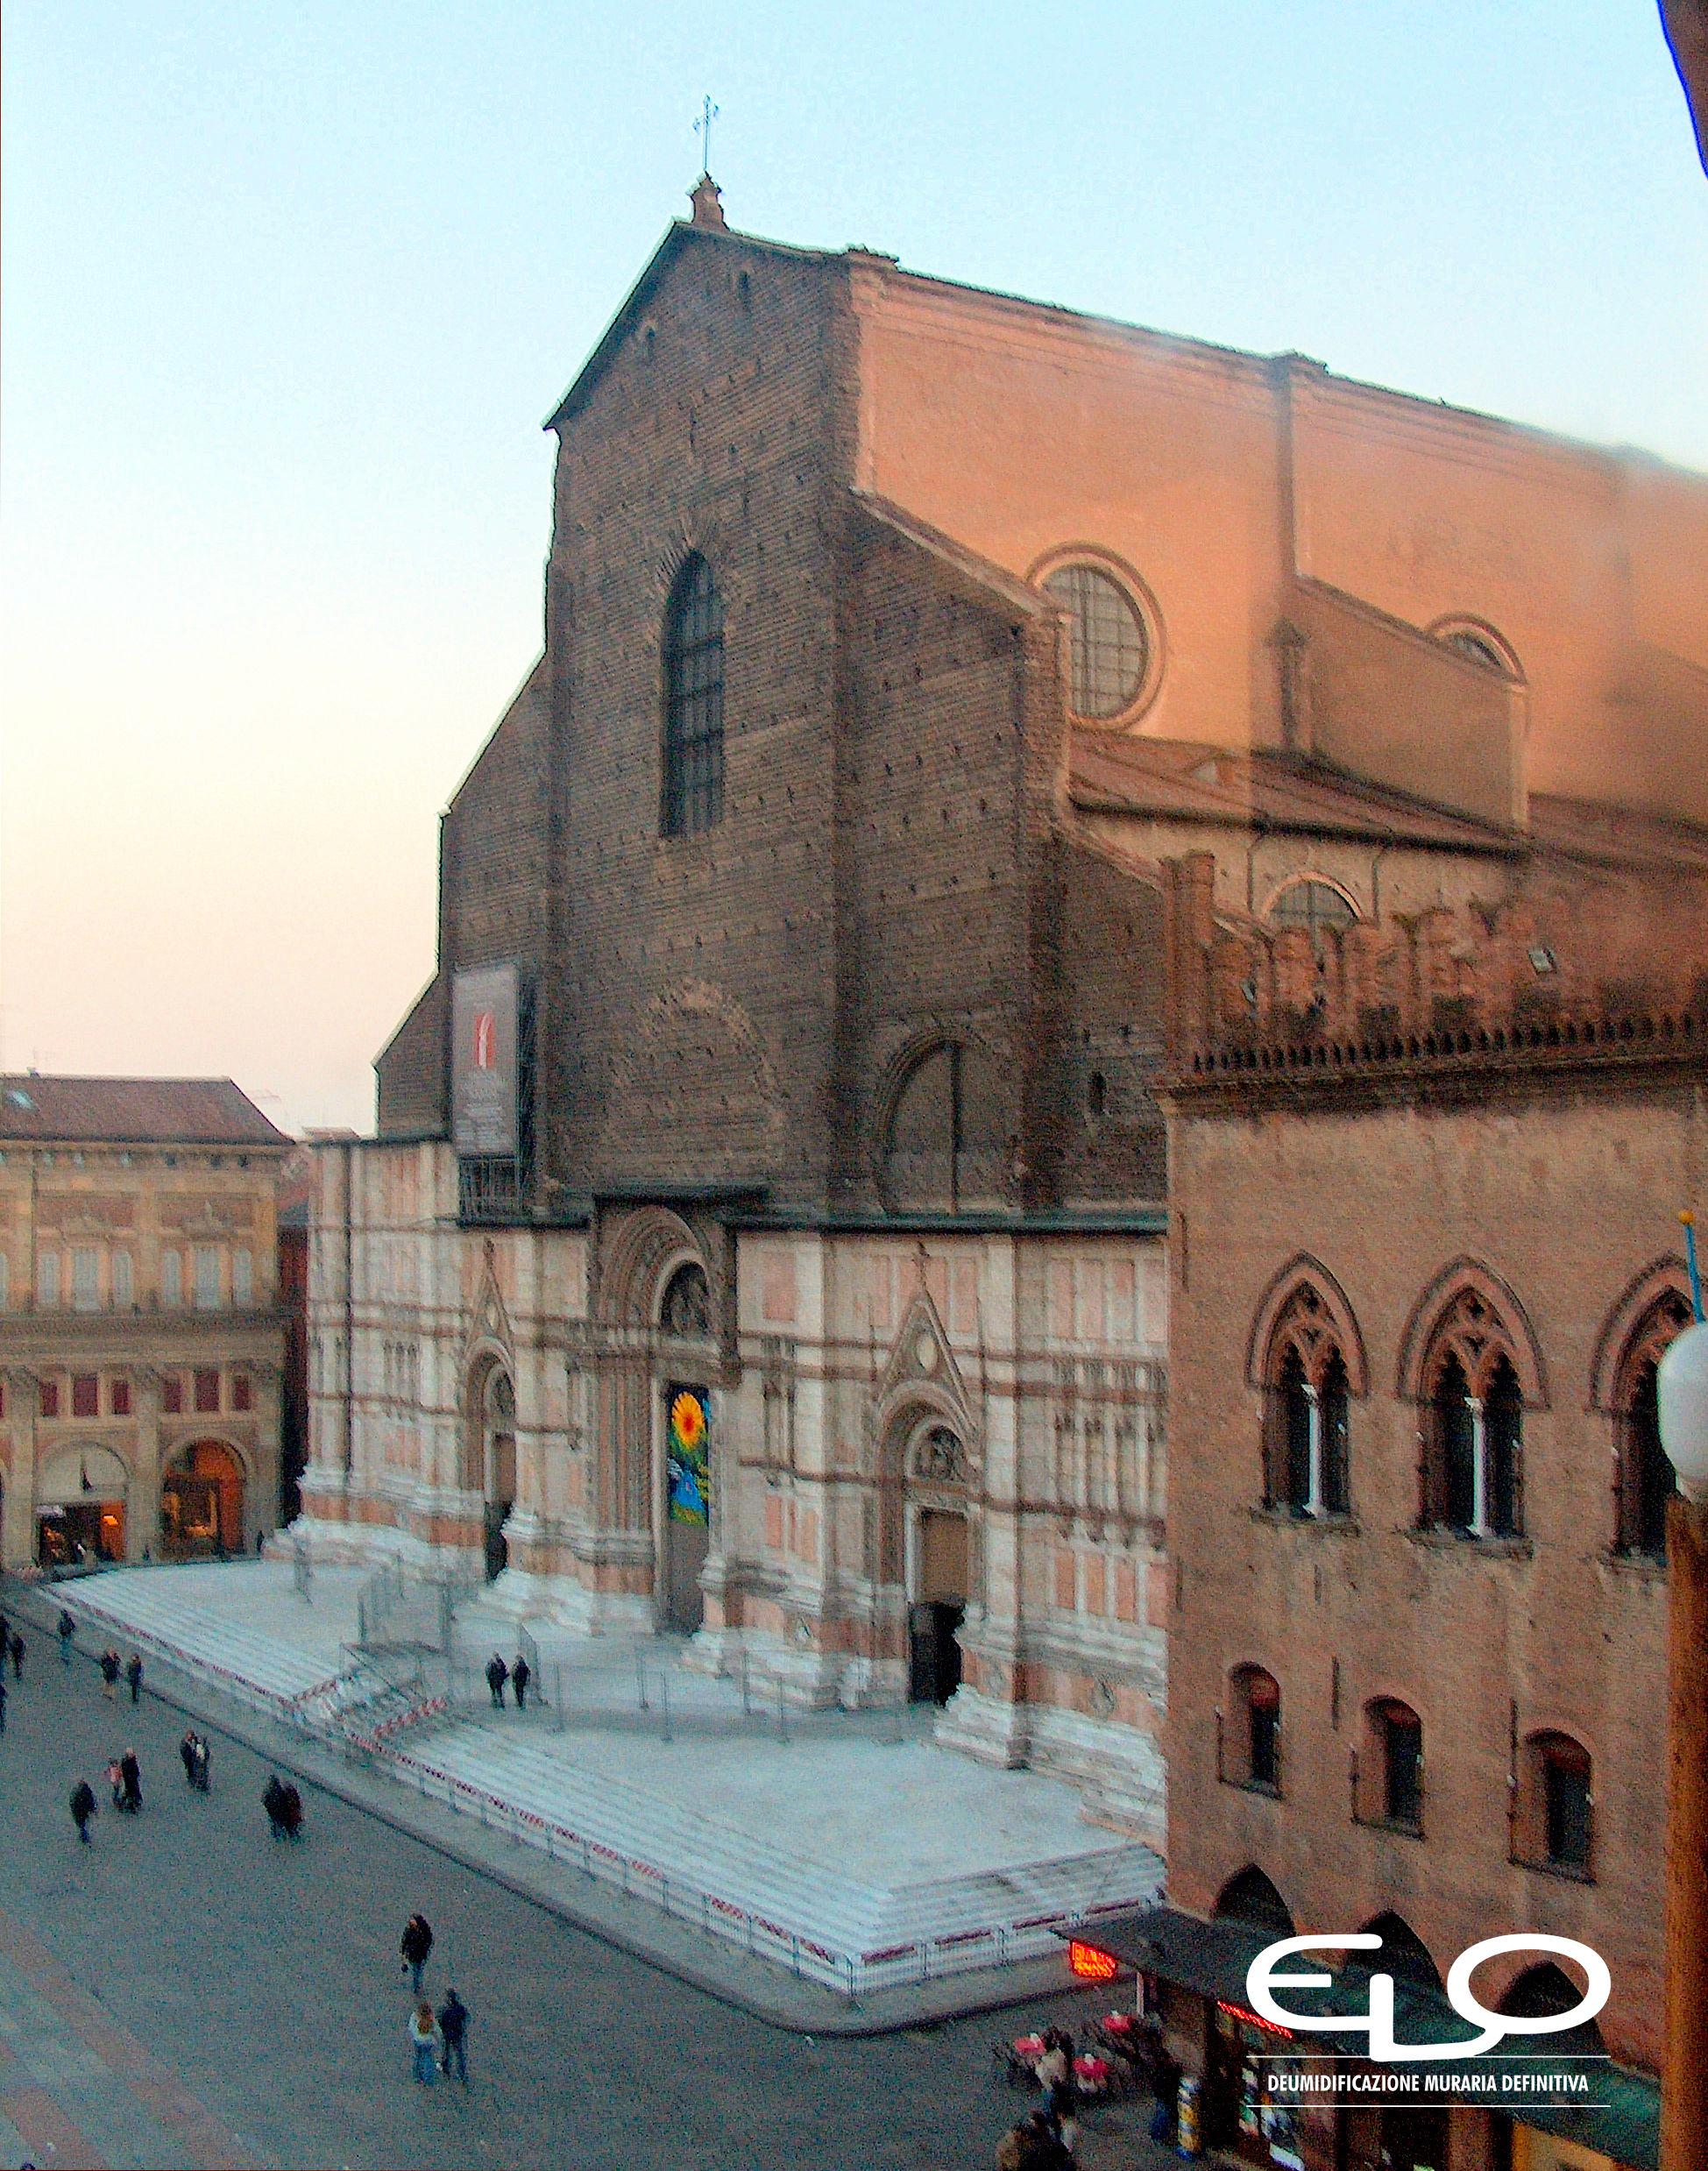 Umidità negli edifici storici - San Petronio da palazzo comunale